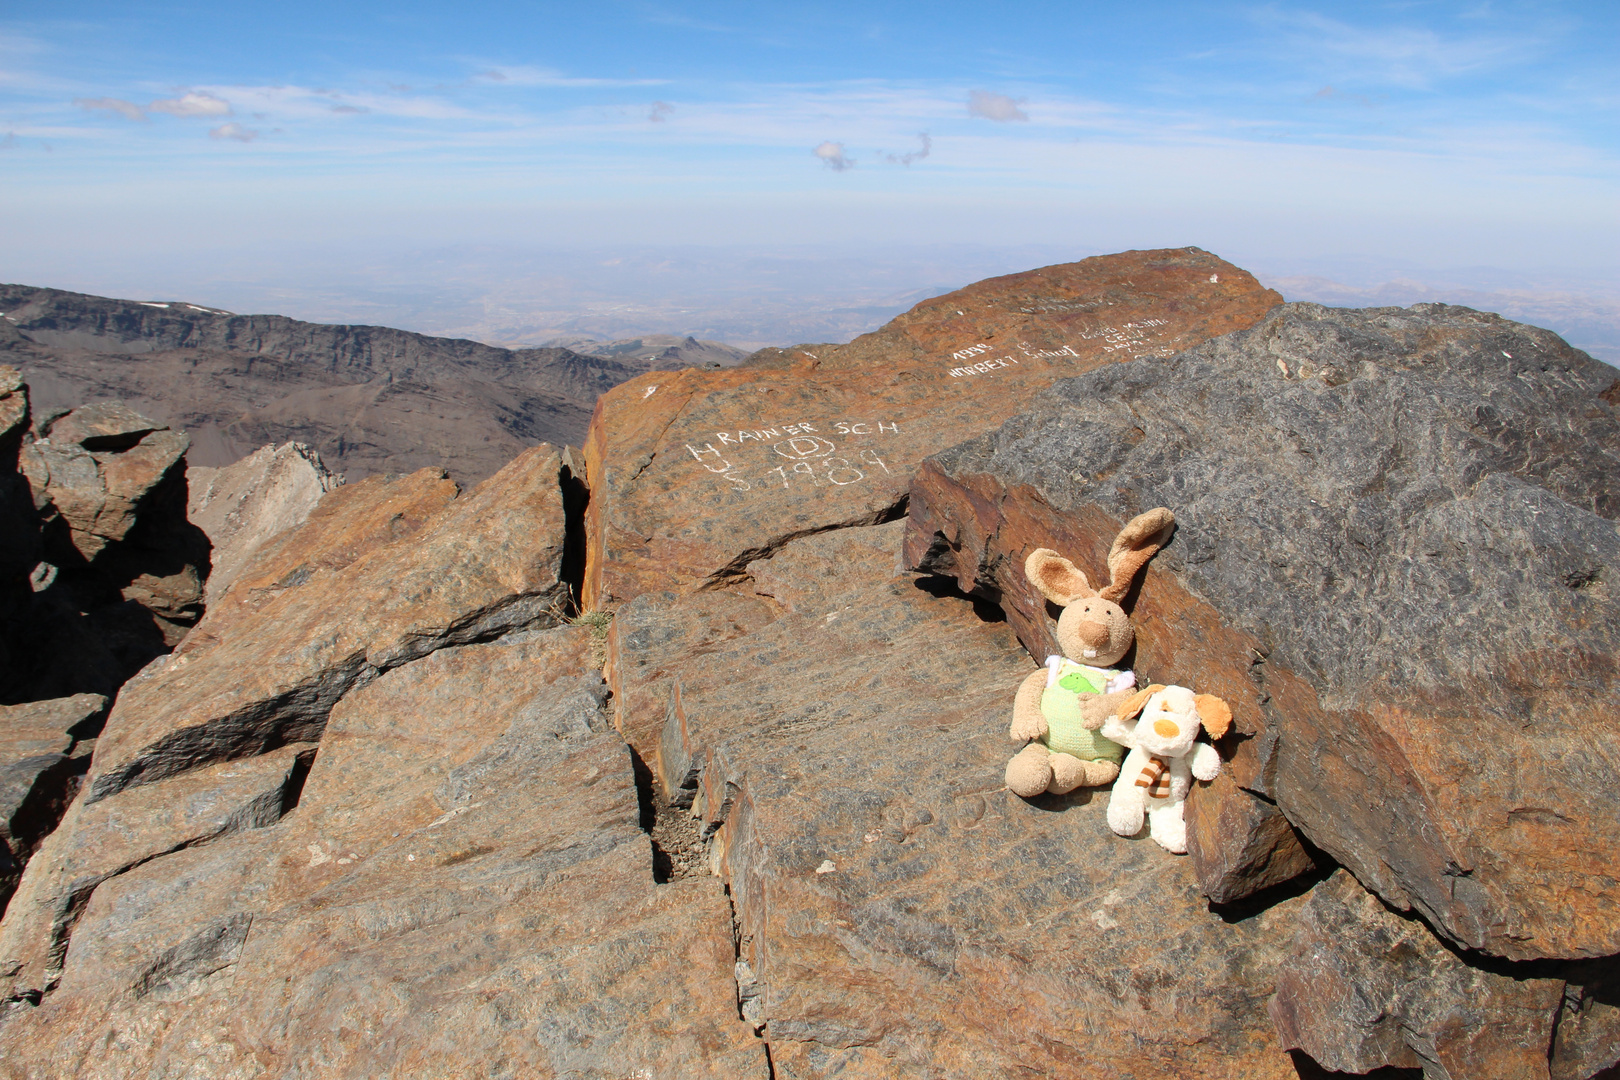 Mulhacén, Hase und Struppkowsky auf dem höchsten Gipfel der Sierra Nevada.